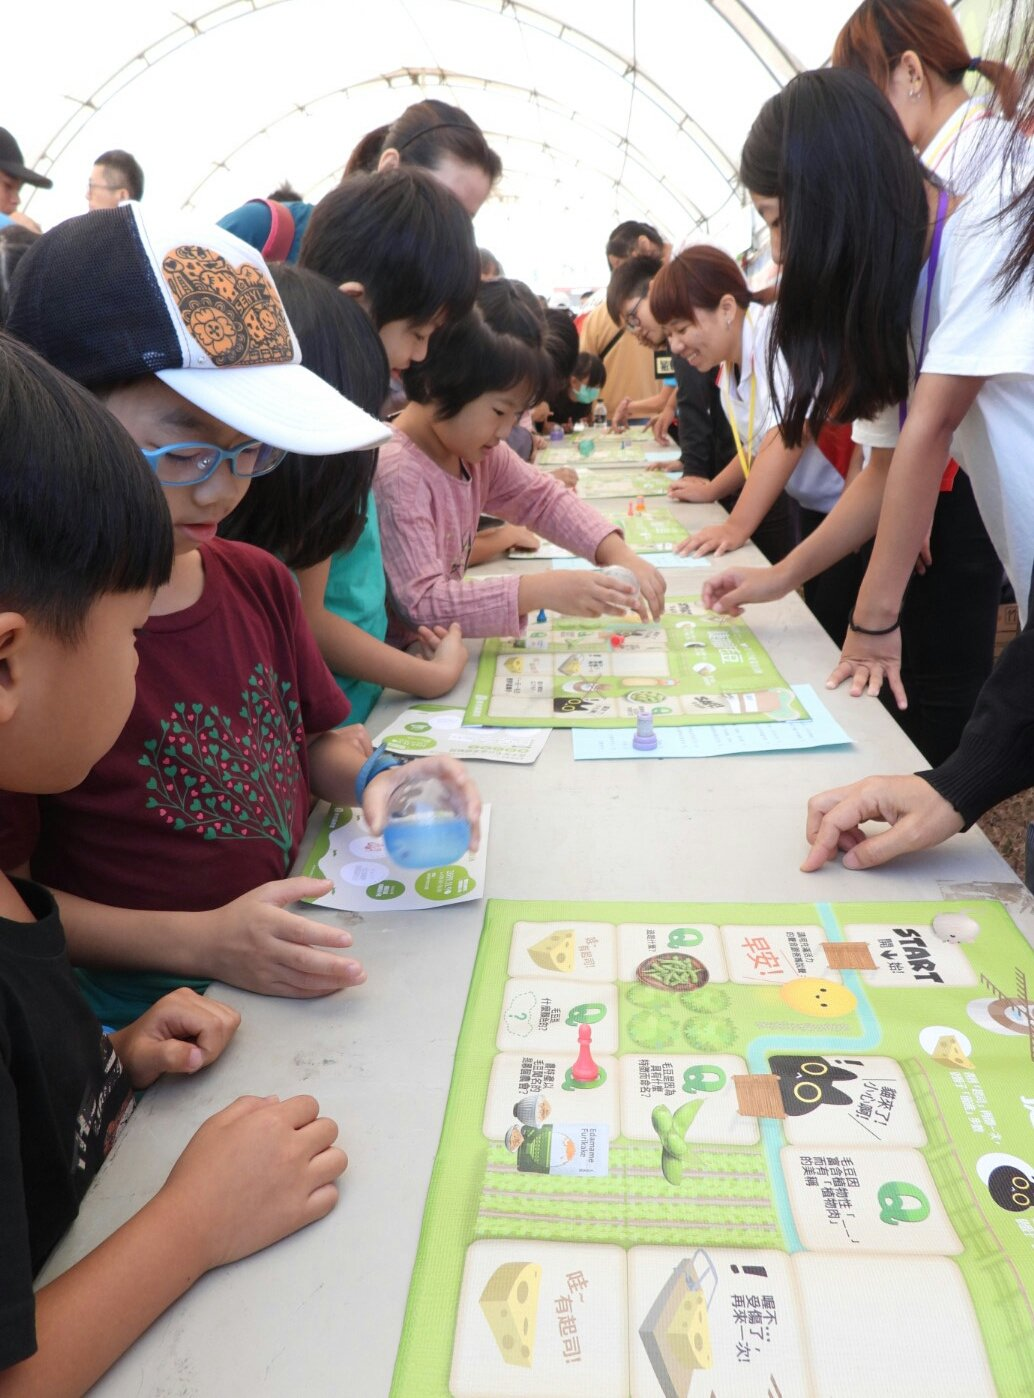 台南新市毛豆節嘉年華熱鬧活動,大批親子參加。記者周宗禎/攝影